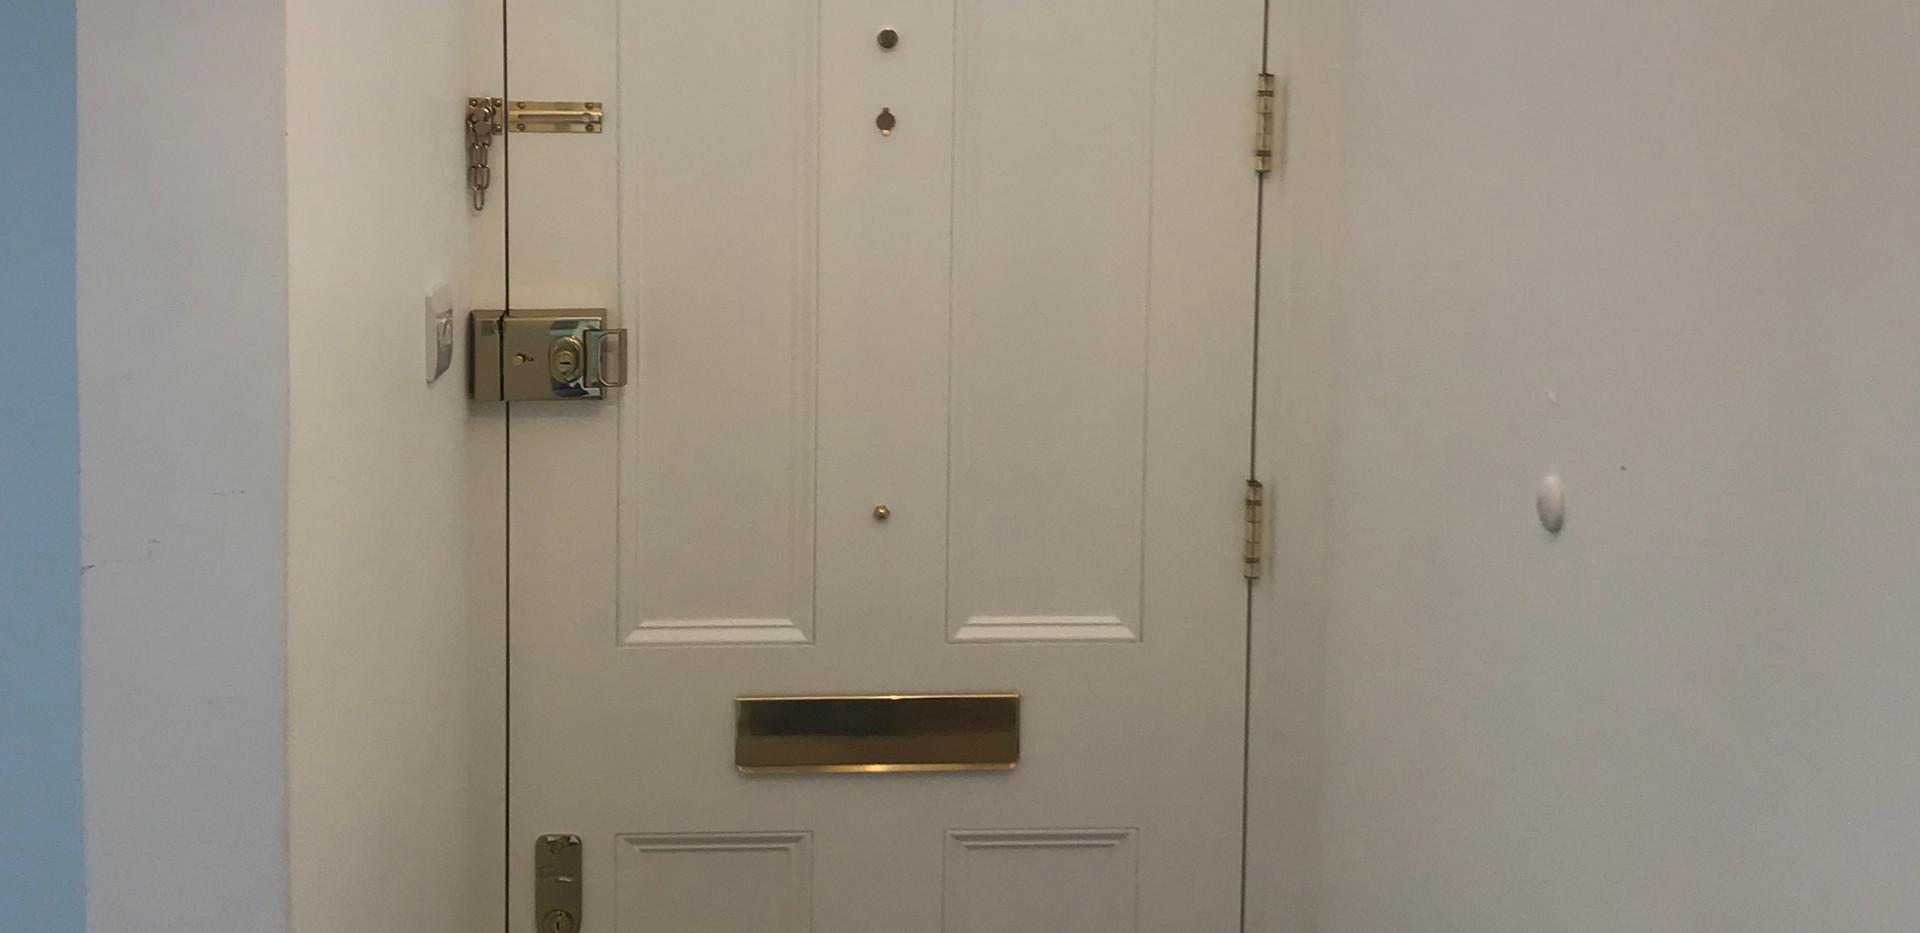 Period front door.jpg